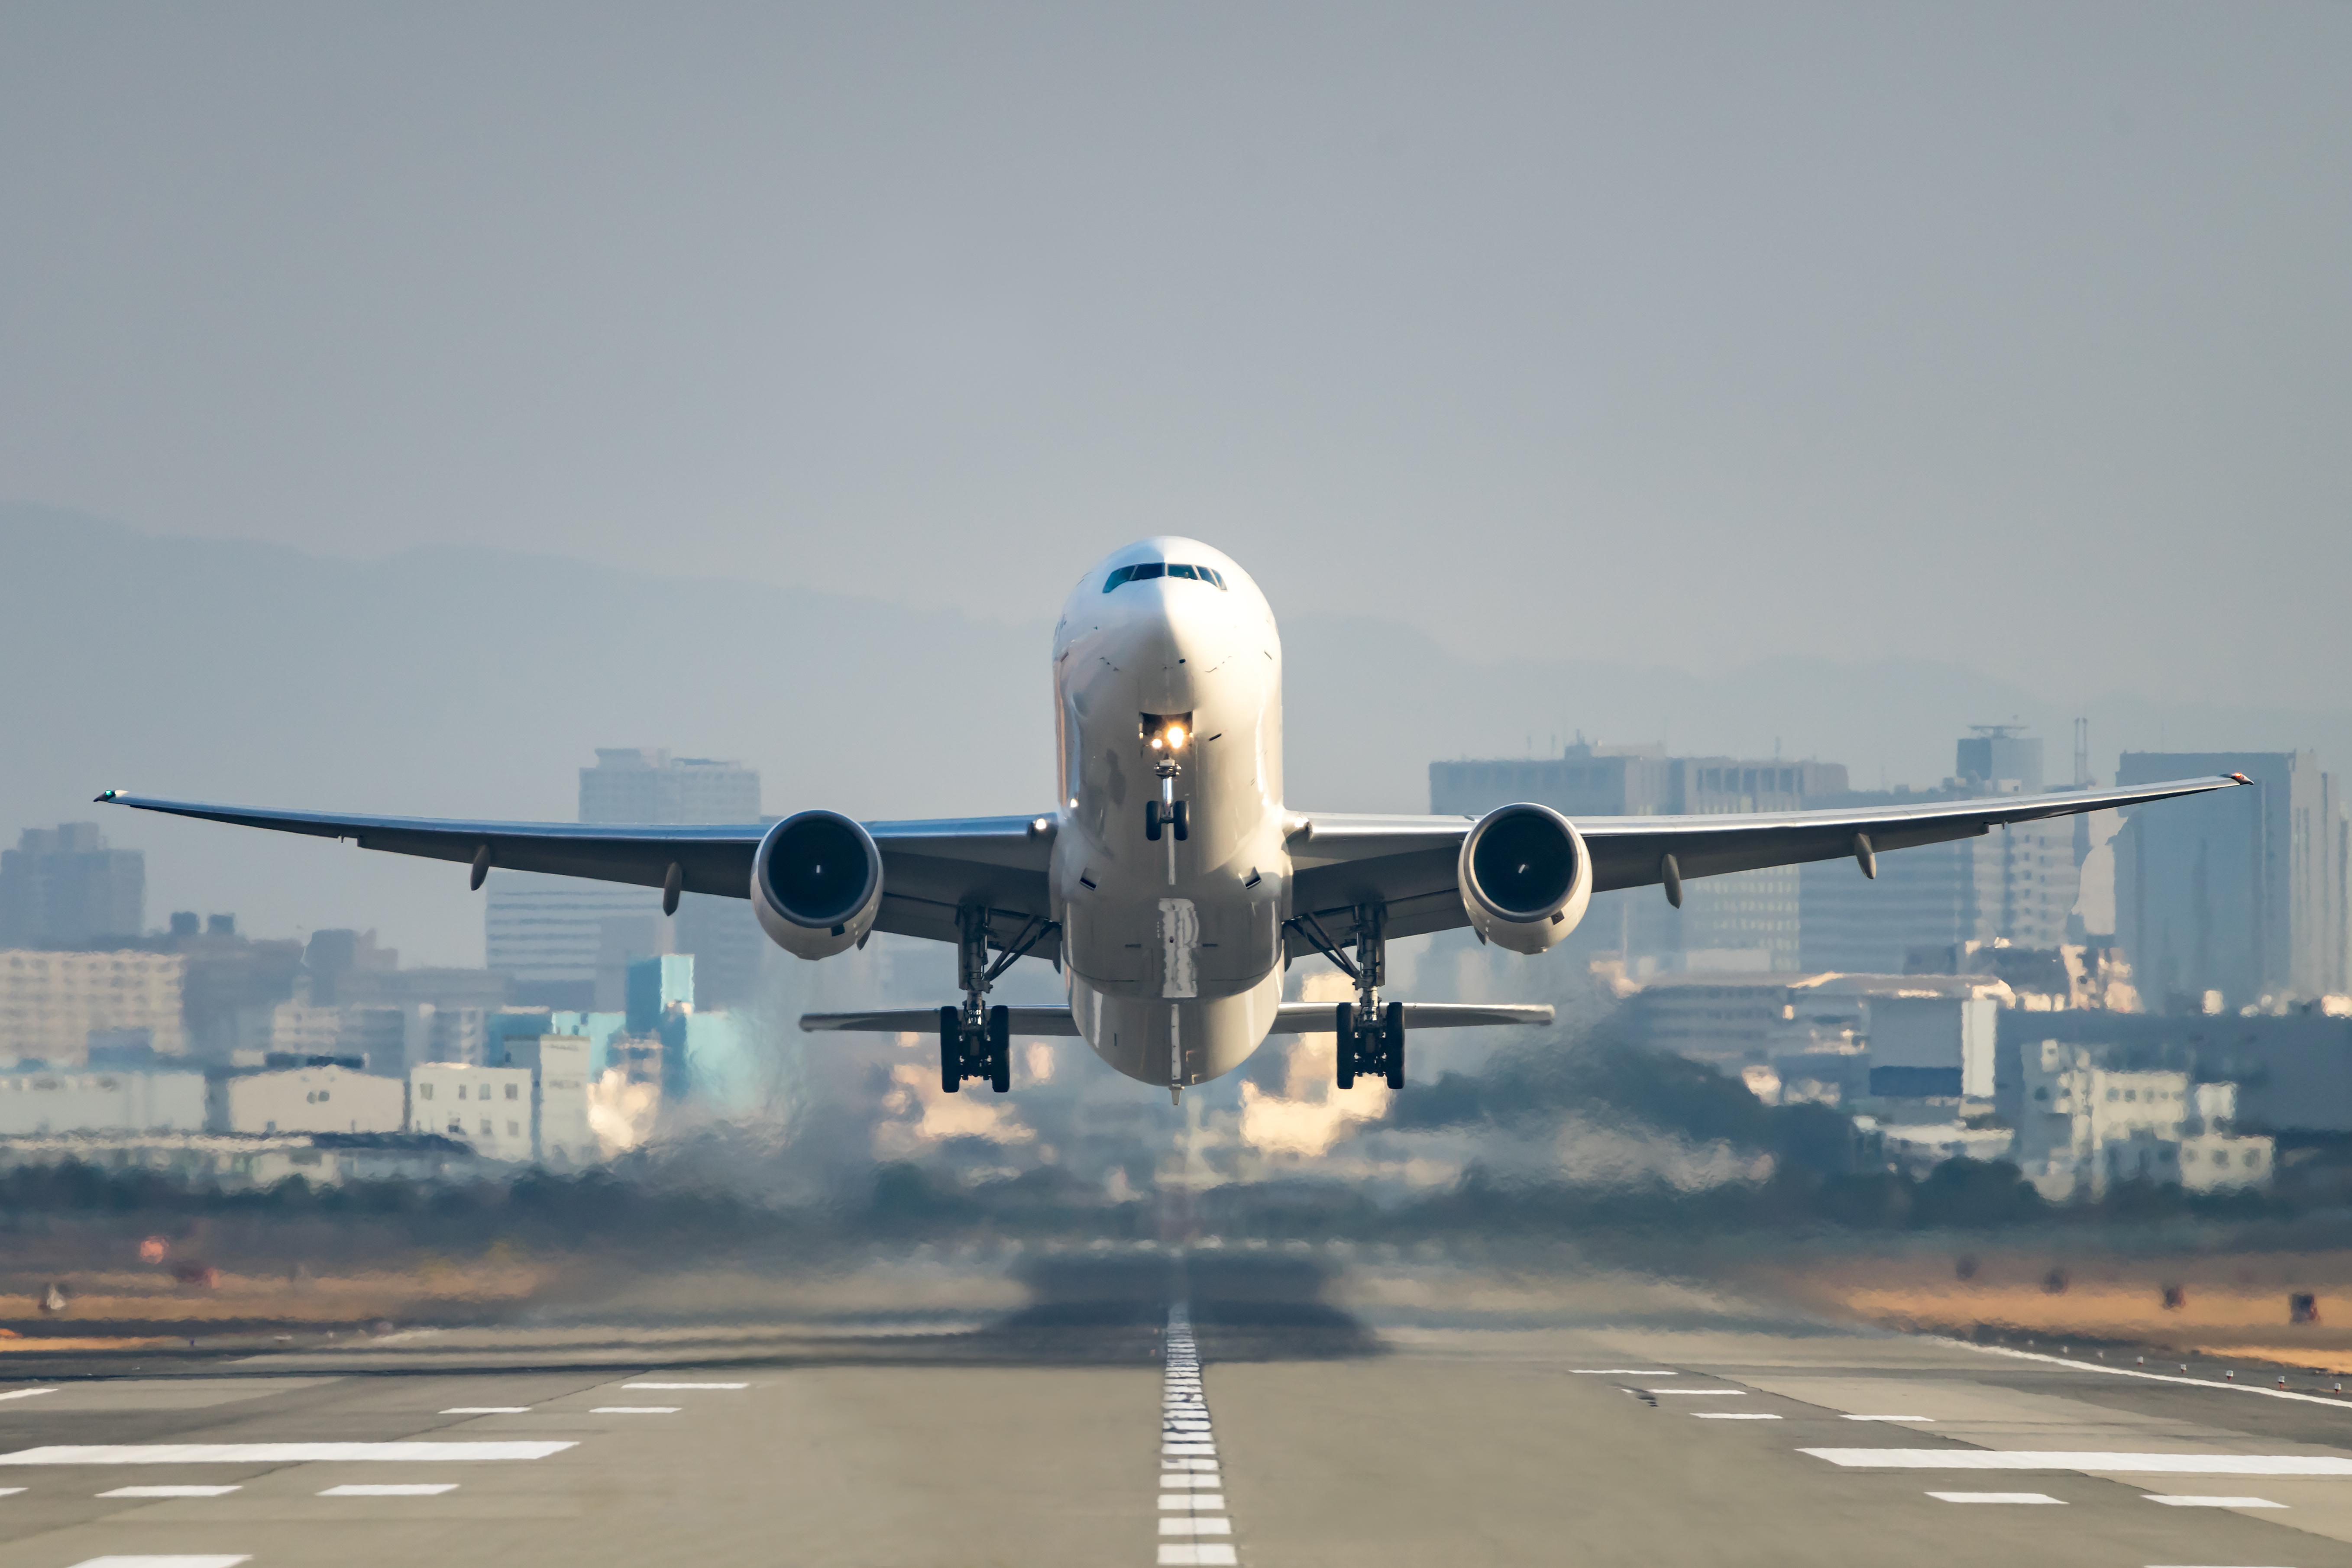 companii-aeriene-care-au-crescut-foarte-rapid-de-la-un-an-la-altul